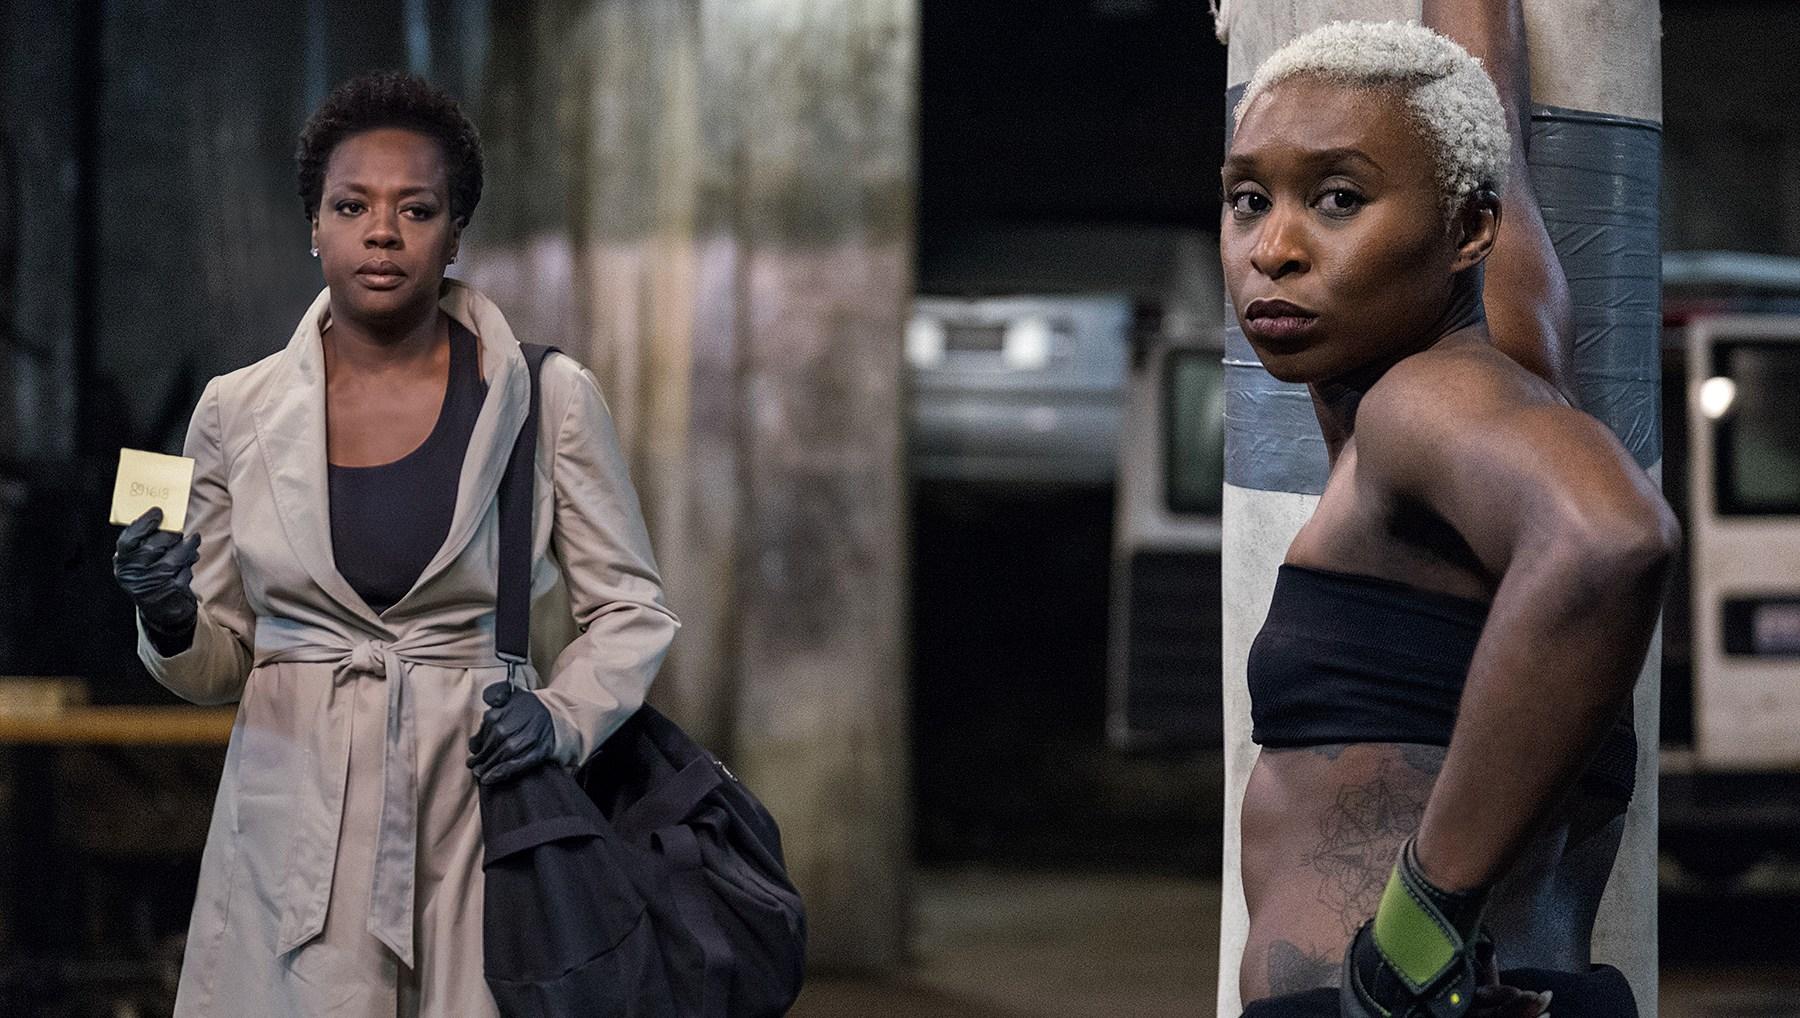 Viola-Davis-and-Cynthia-Erivo-widows